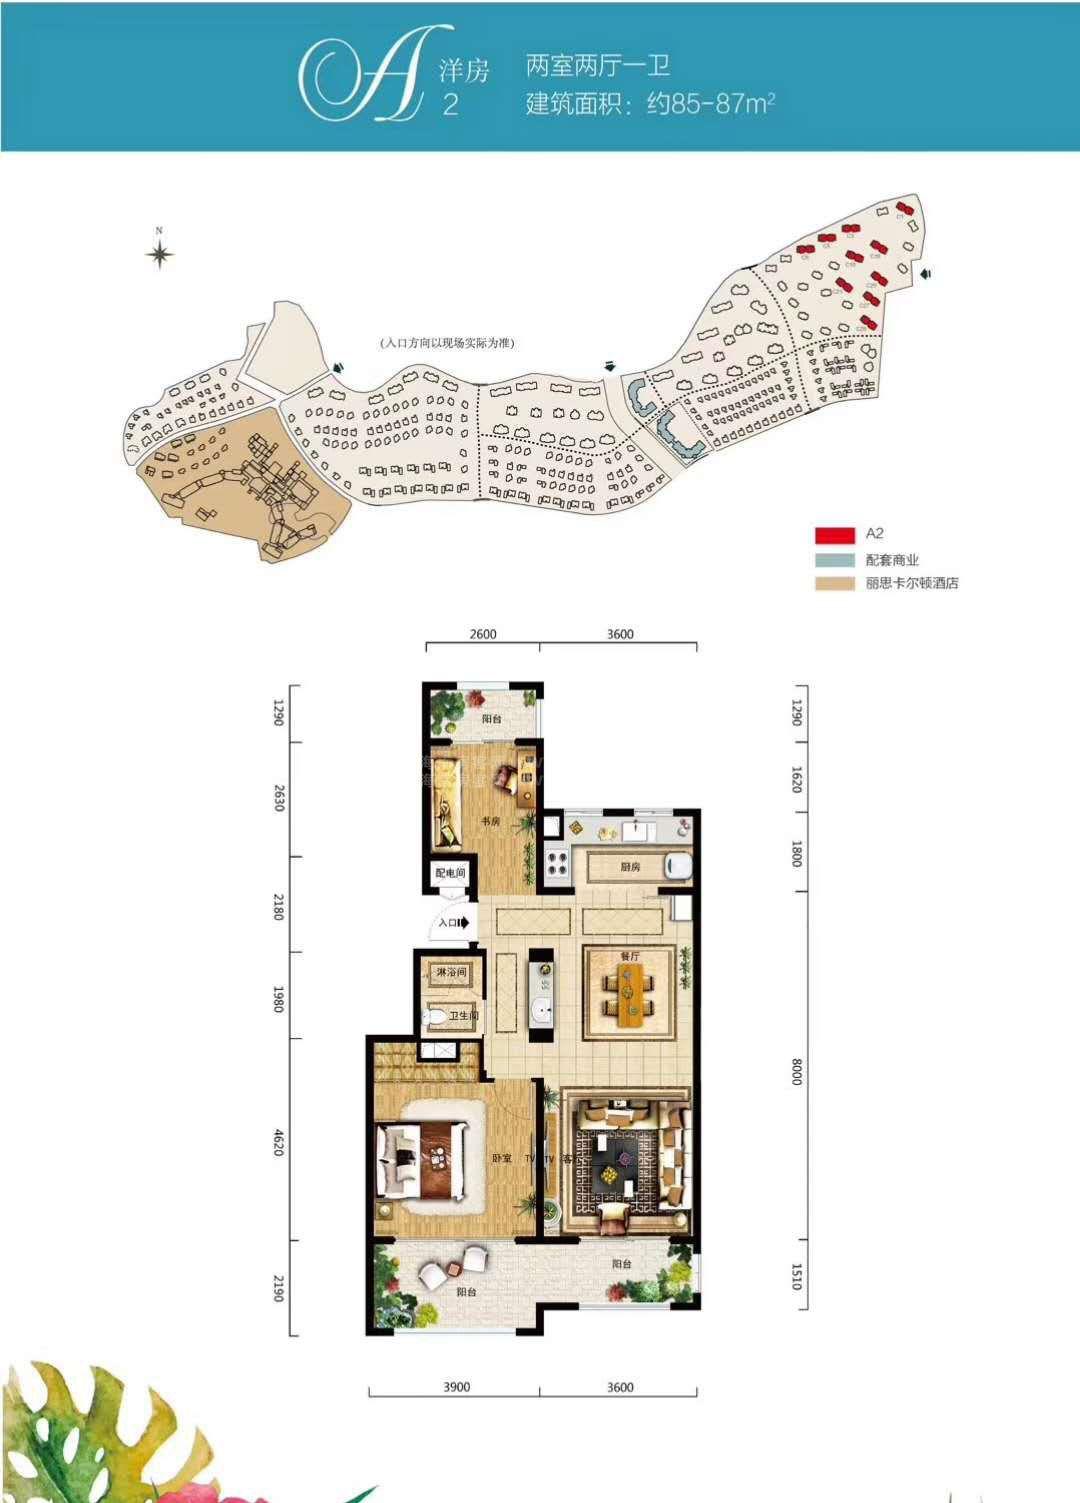 洋房A2 两室两厅一卫 建筑面积约85㎡